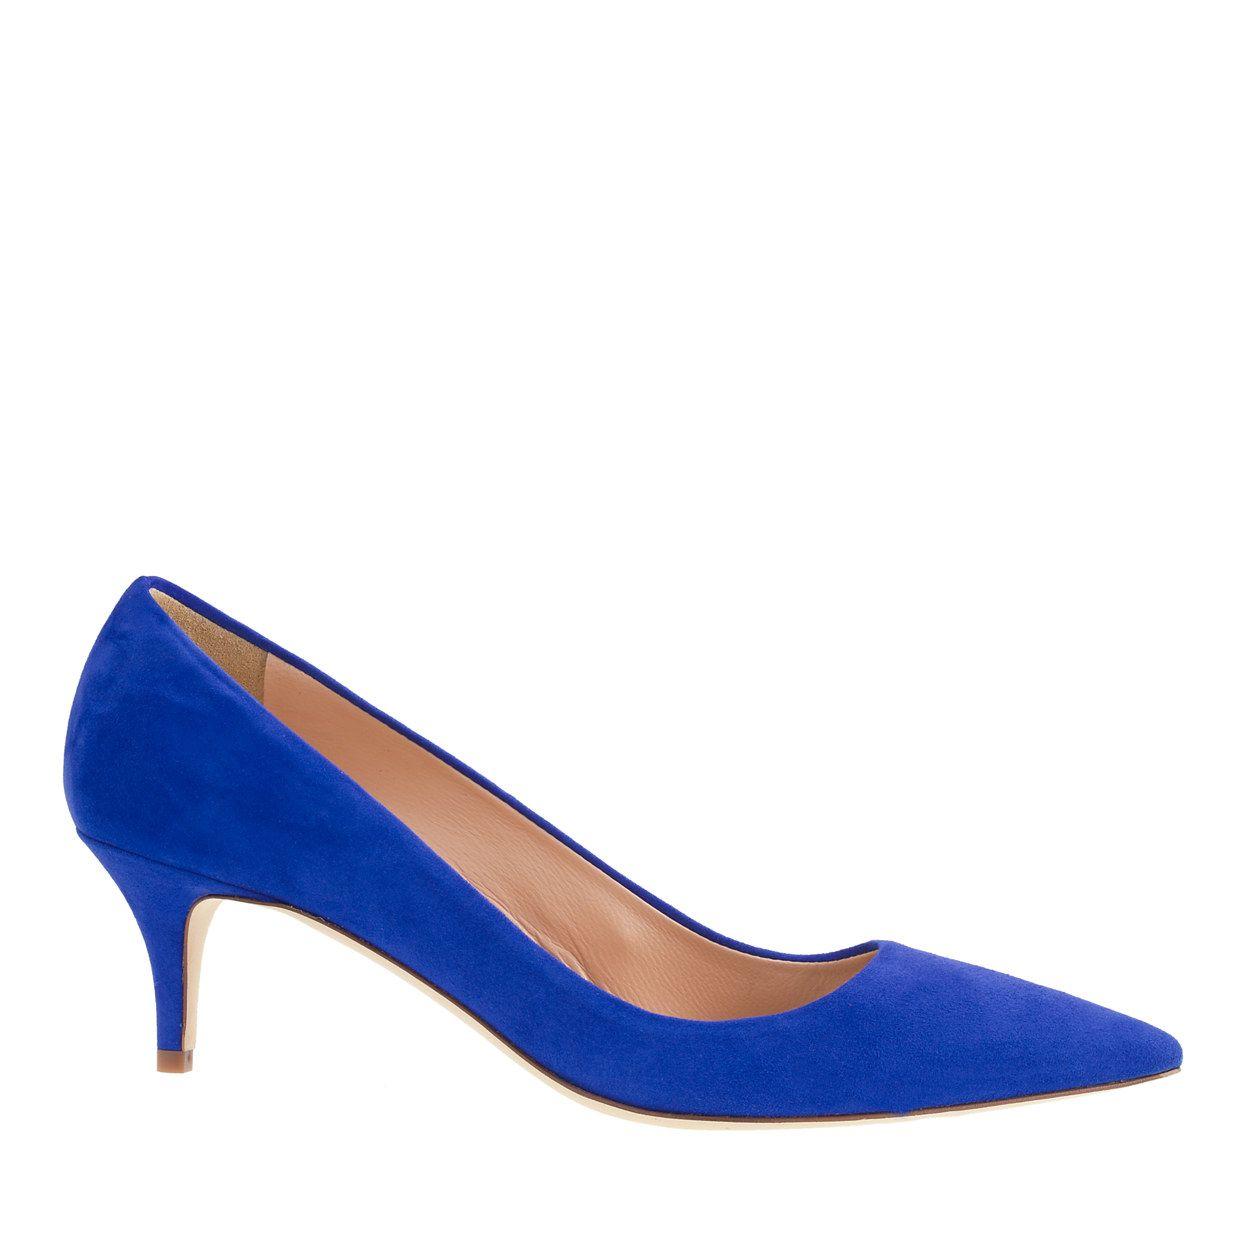 1e468666d2a J.Crew - Dulci scalloped suede kitten heels